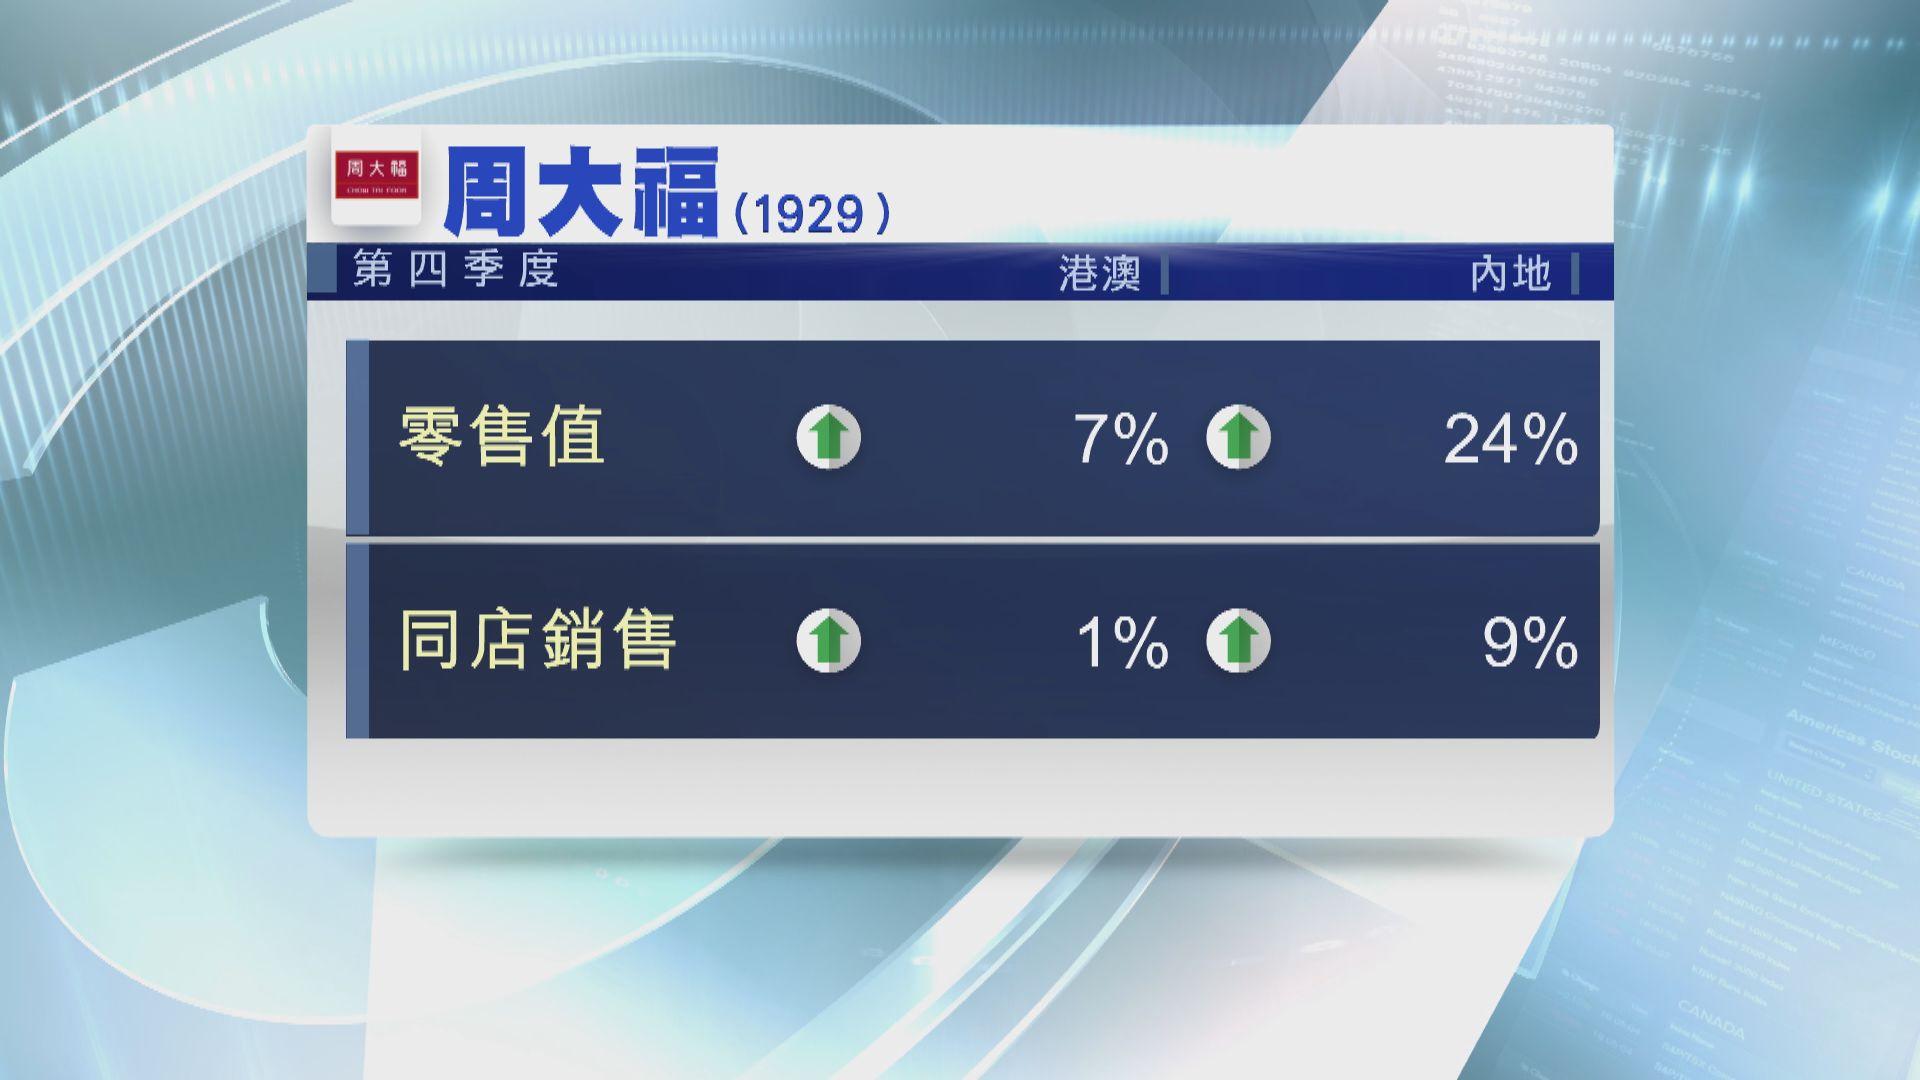 【最新數據】周大福上季內地同店銷售增9%